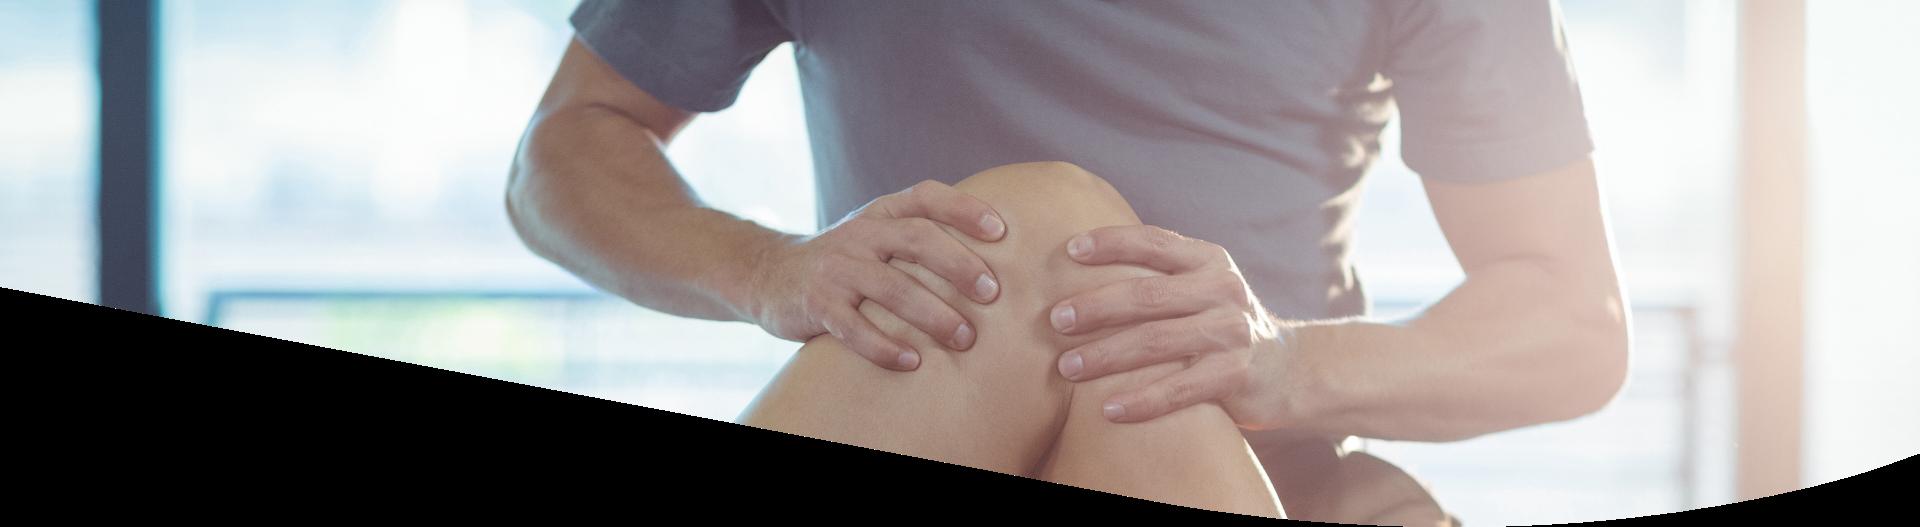 Osteopath Massage